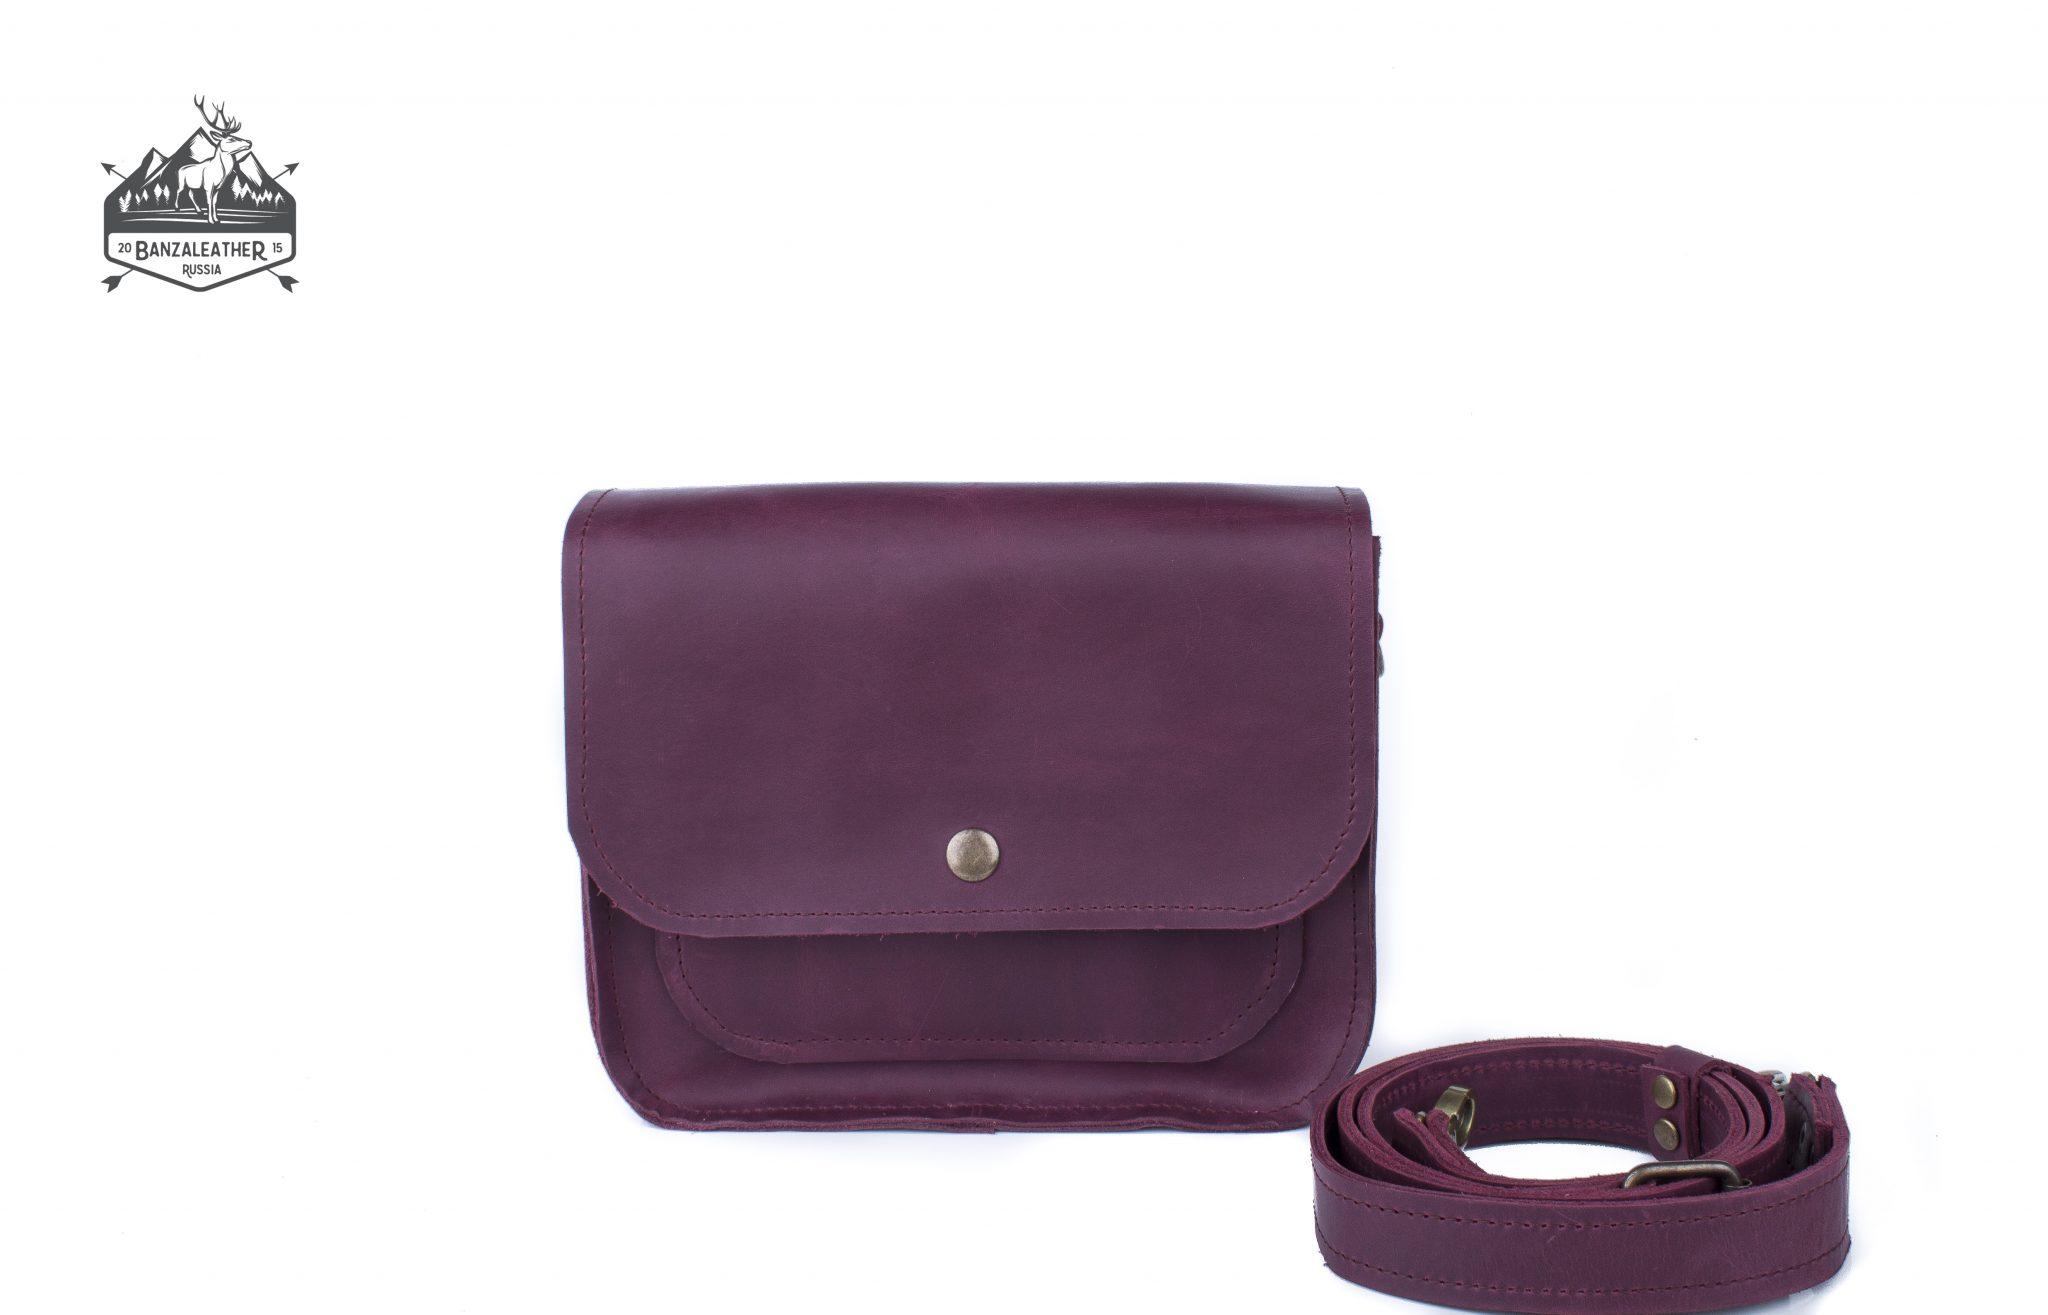 Небольшая, стильная, кожаная сумка фиолетового цвета.